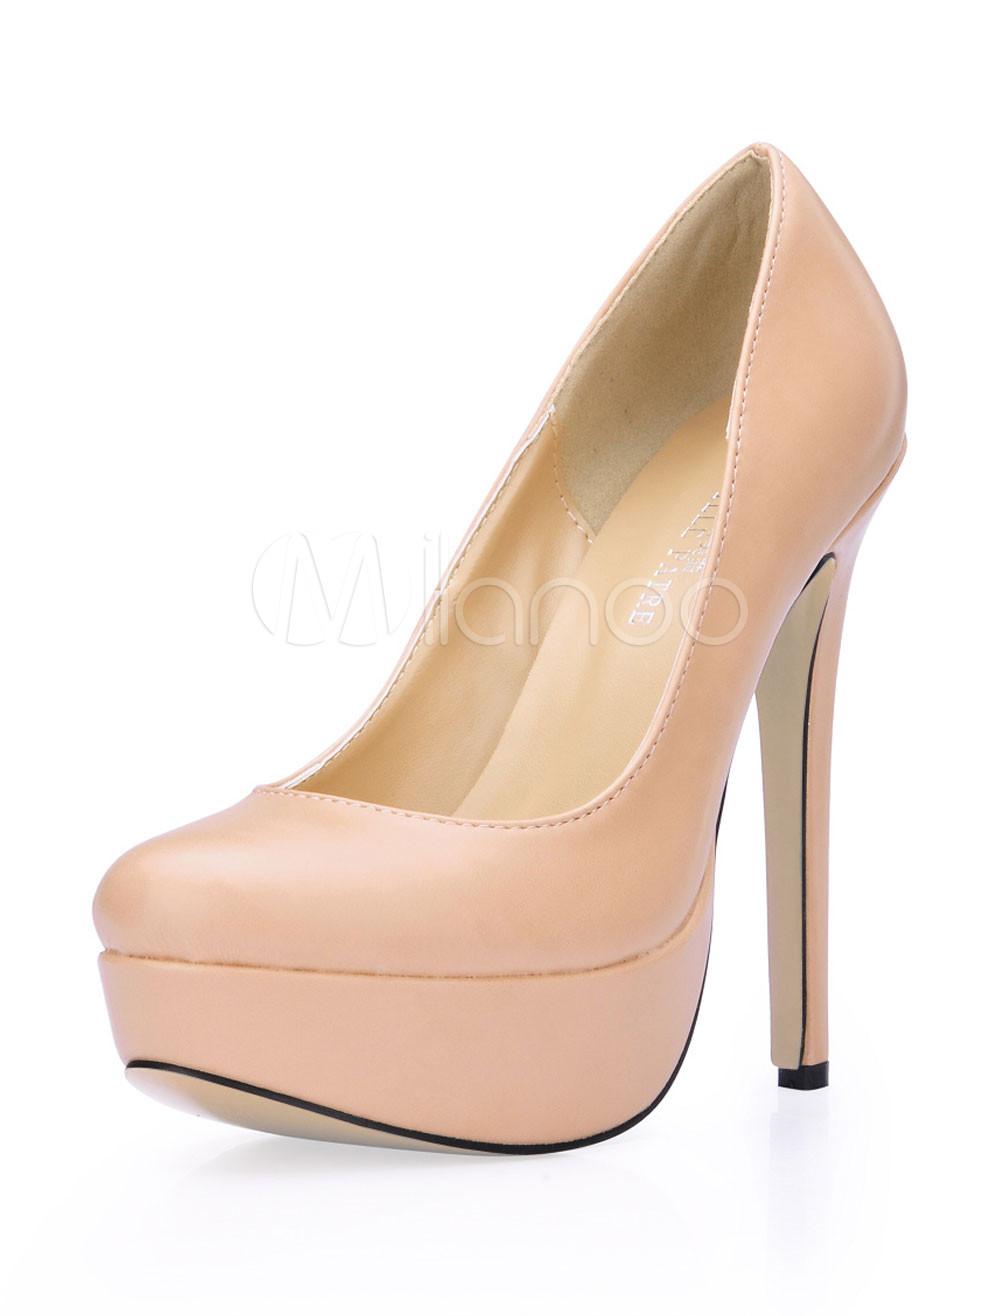 Zapatos de tacón de PU de color desnudo nrW3bap